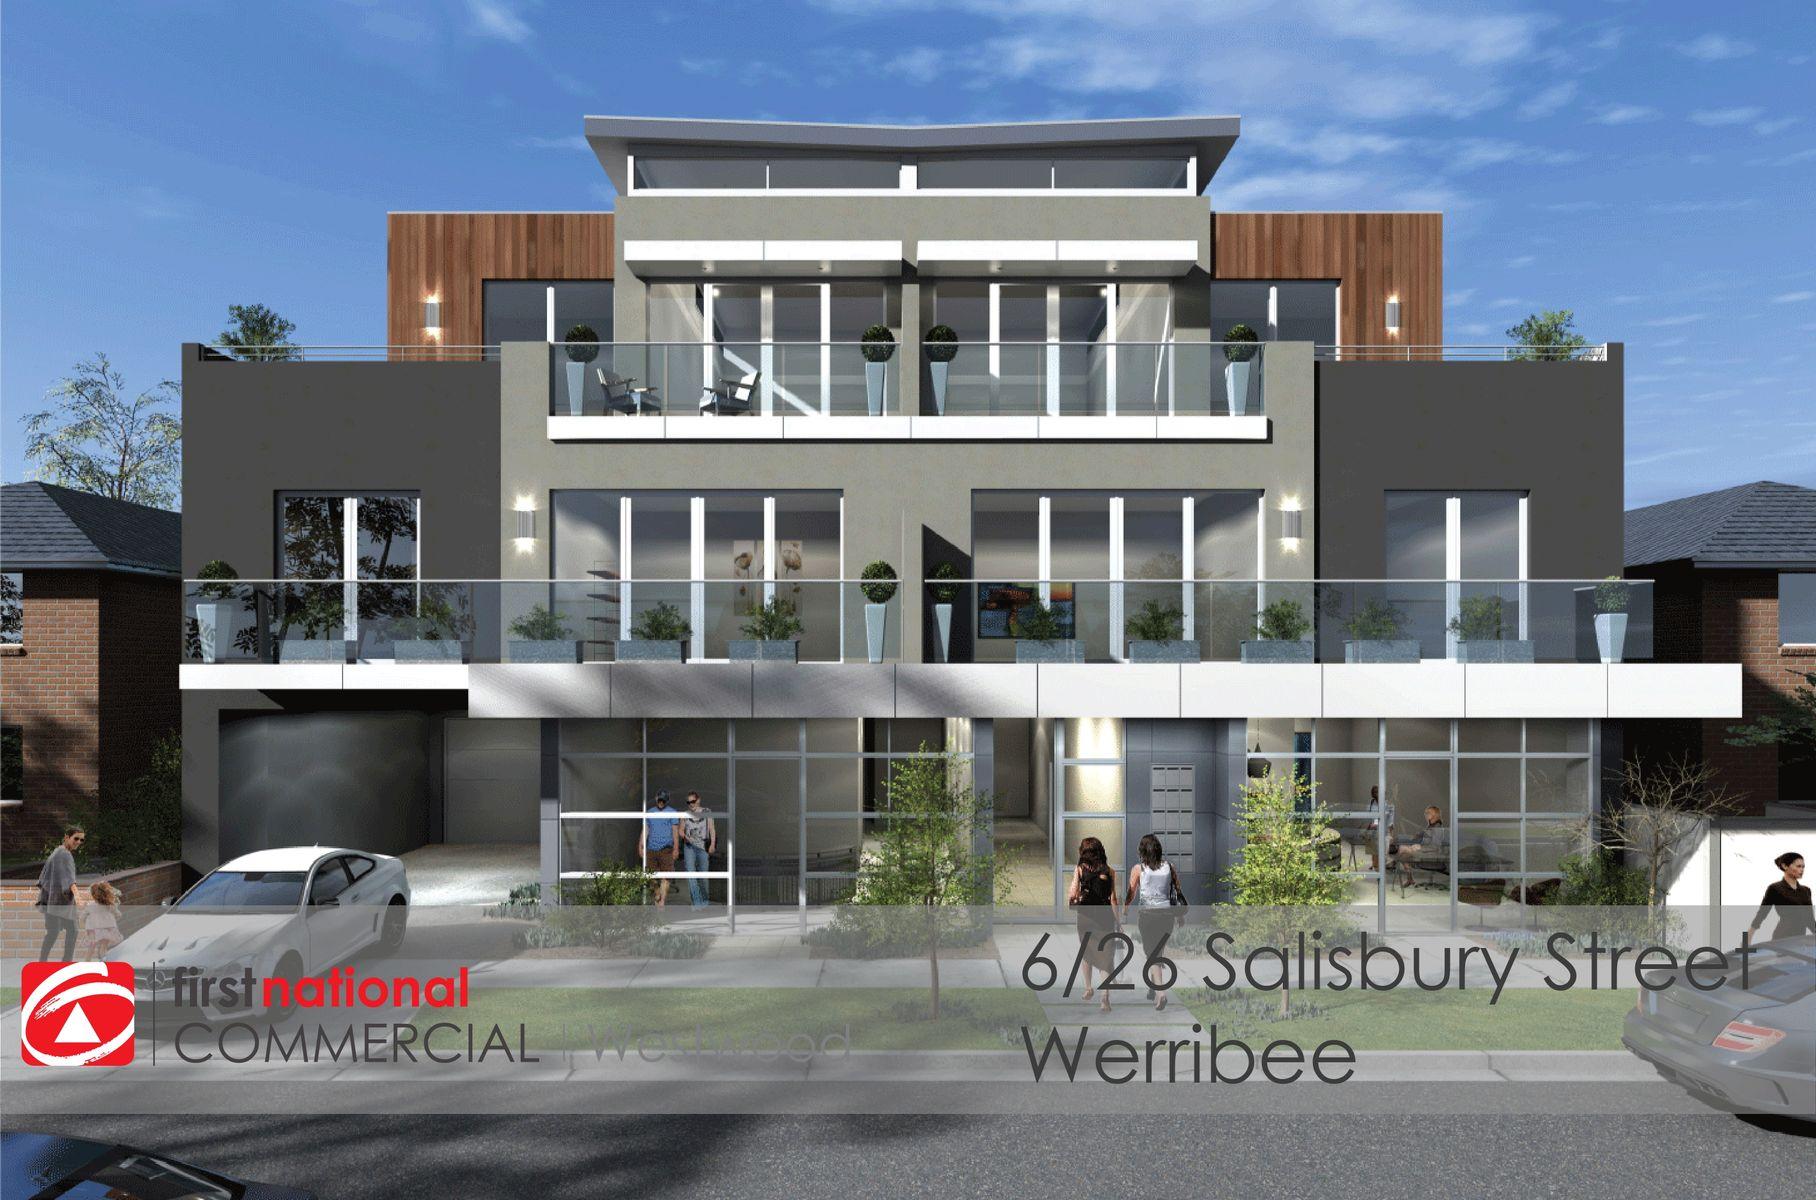 6/26 Salisbury Street, Werribee, VIC 3030